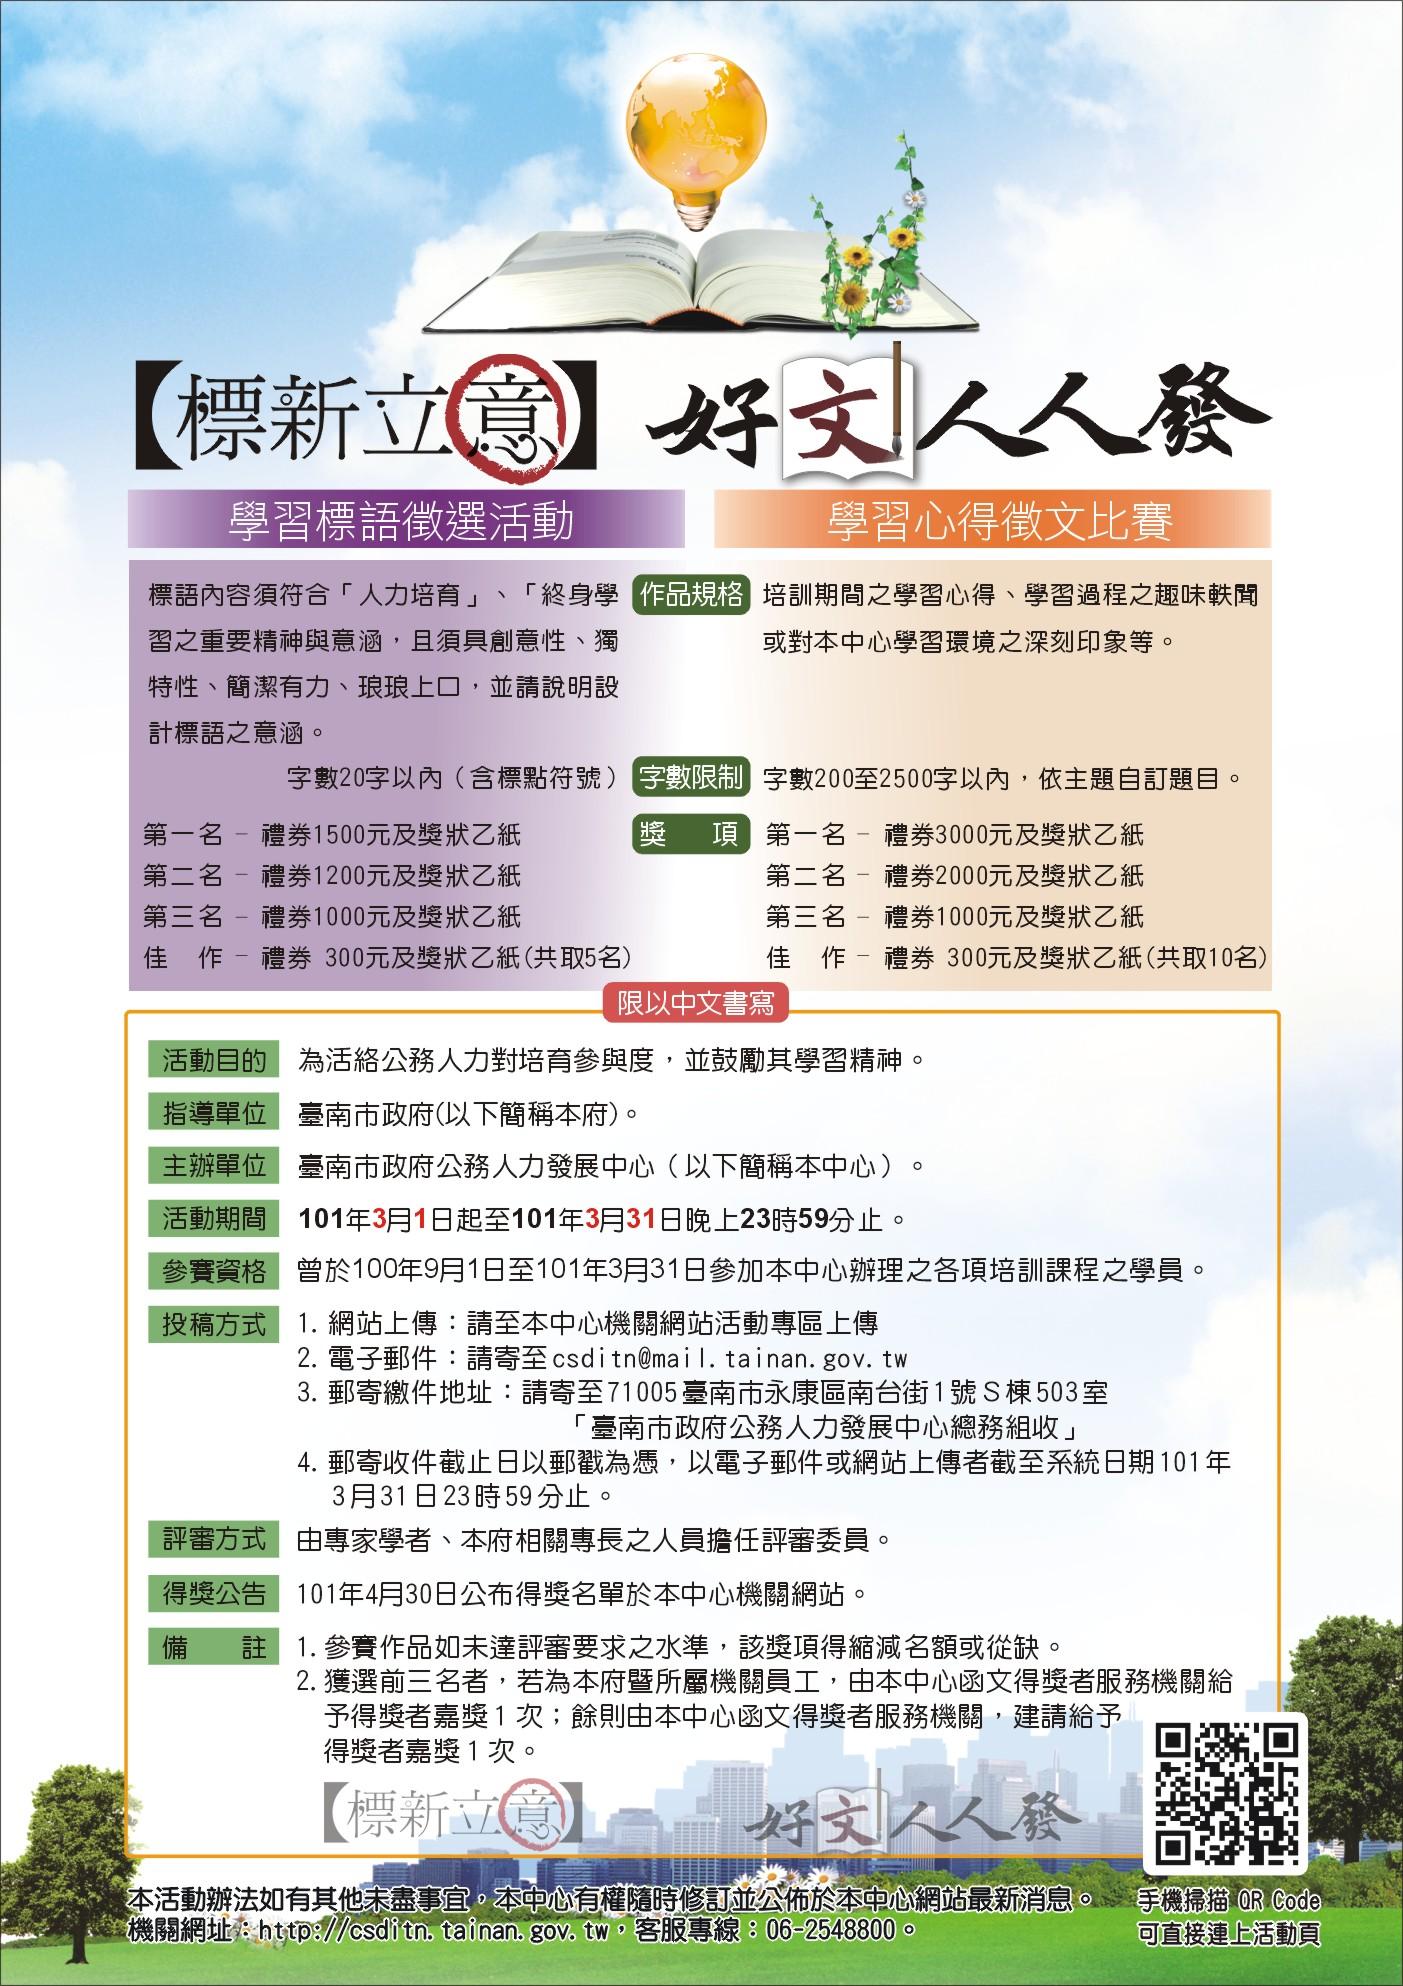 公務人力發展中心訂於3月1日至3月31日止舉辦「好文人人發」學習心得徵文及「標新立『意』」學習標語徵選活動  0